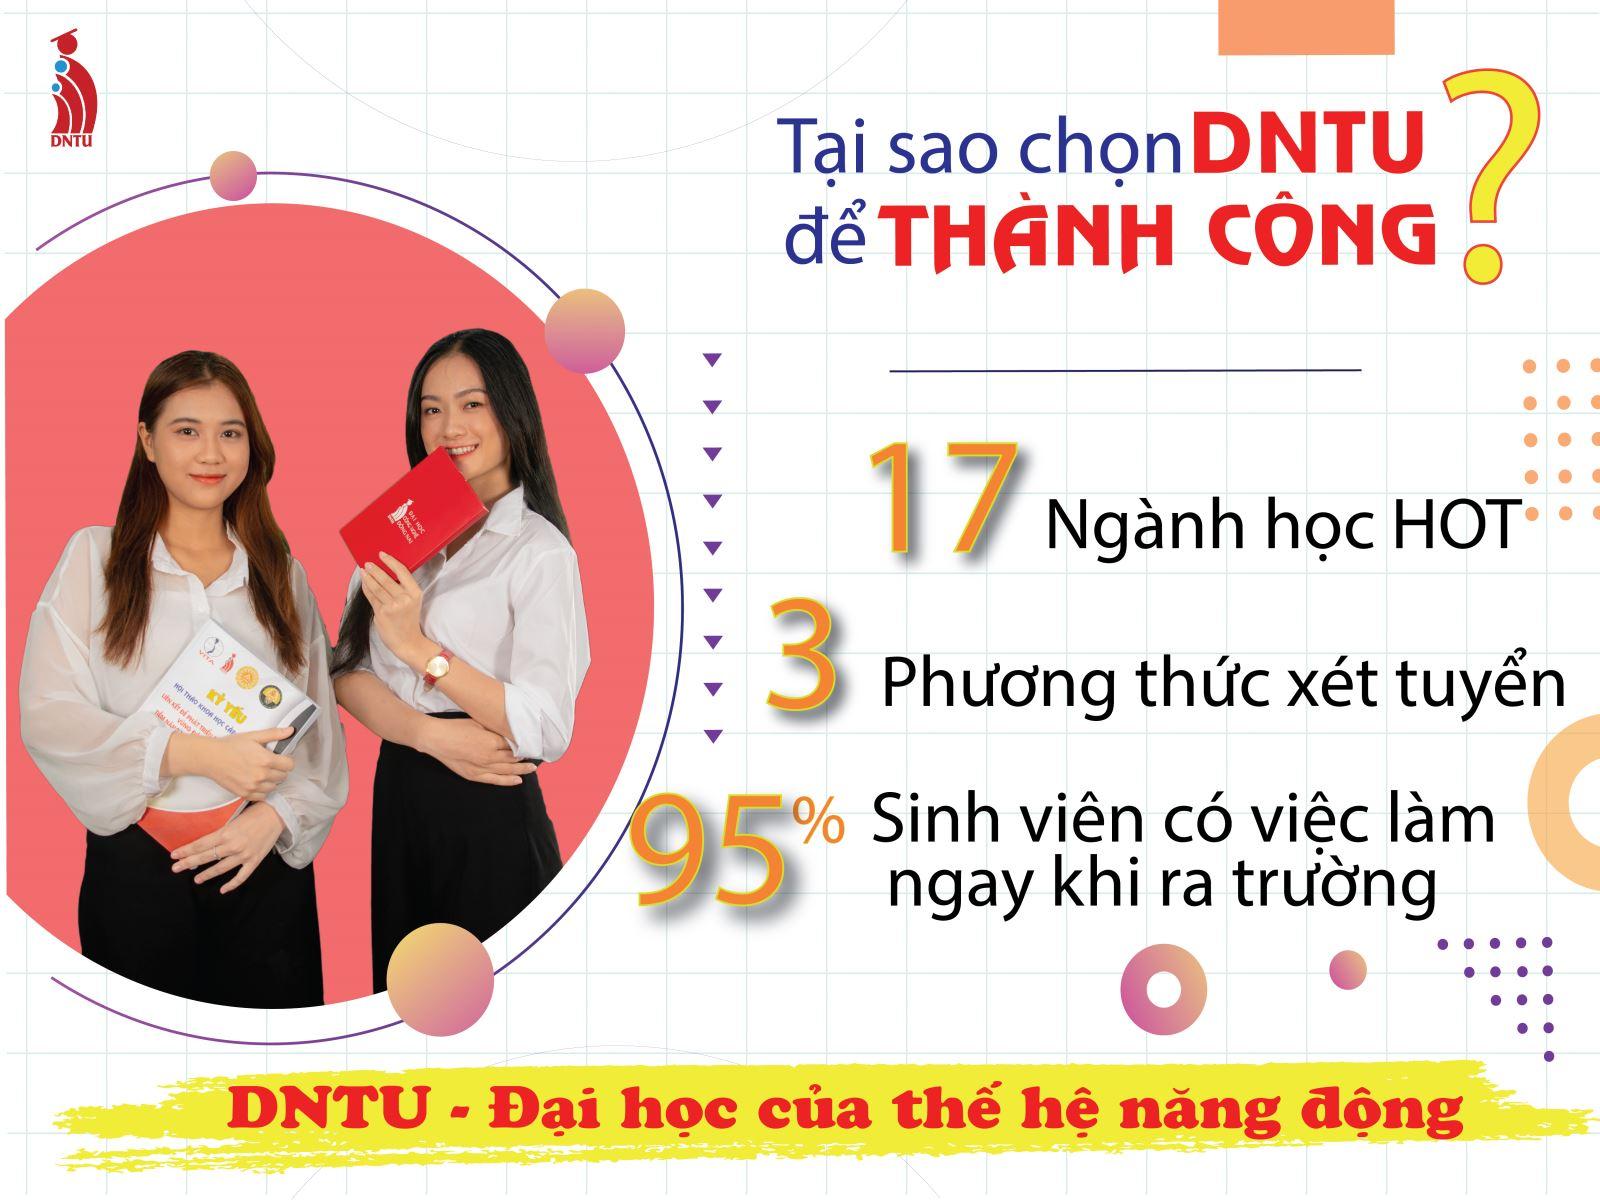 Tại sao chọn DNTU để thành công?